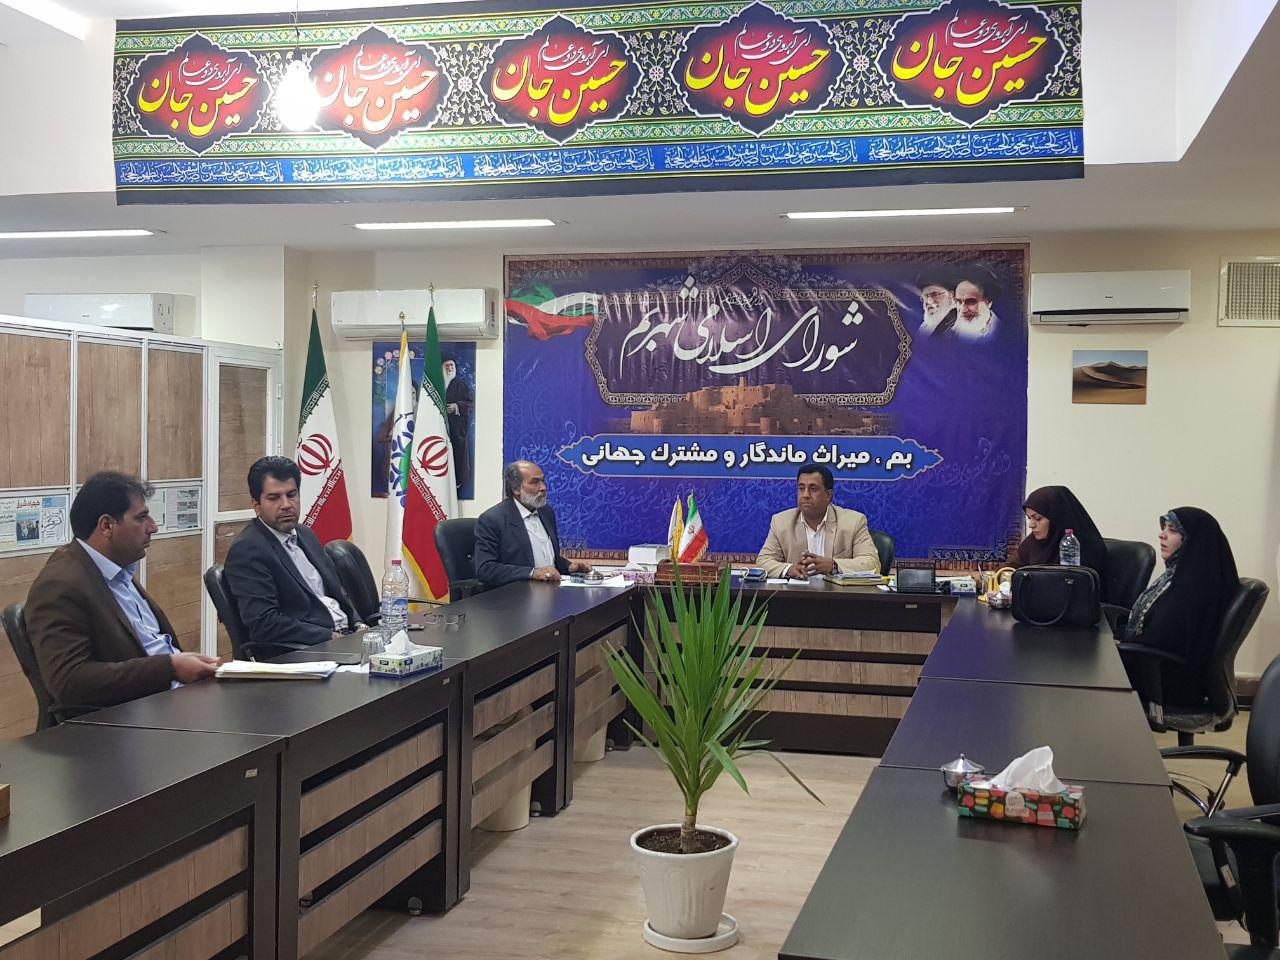 نشست عمومی شورا در تاریخ ٩٧/٩/١٢ با حضور دریجانی رئیس شرکت نفت برگزار شد.